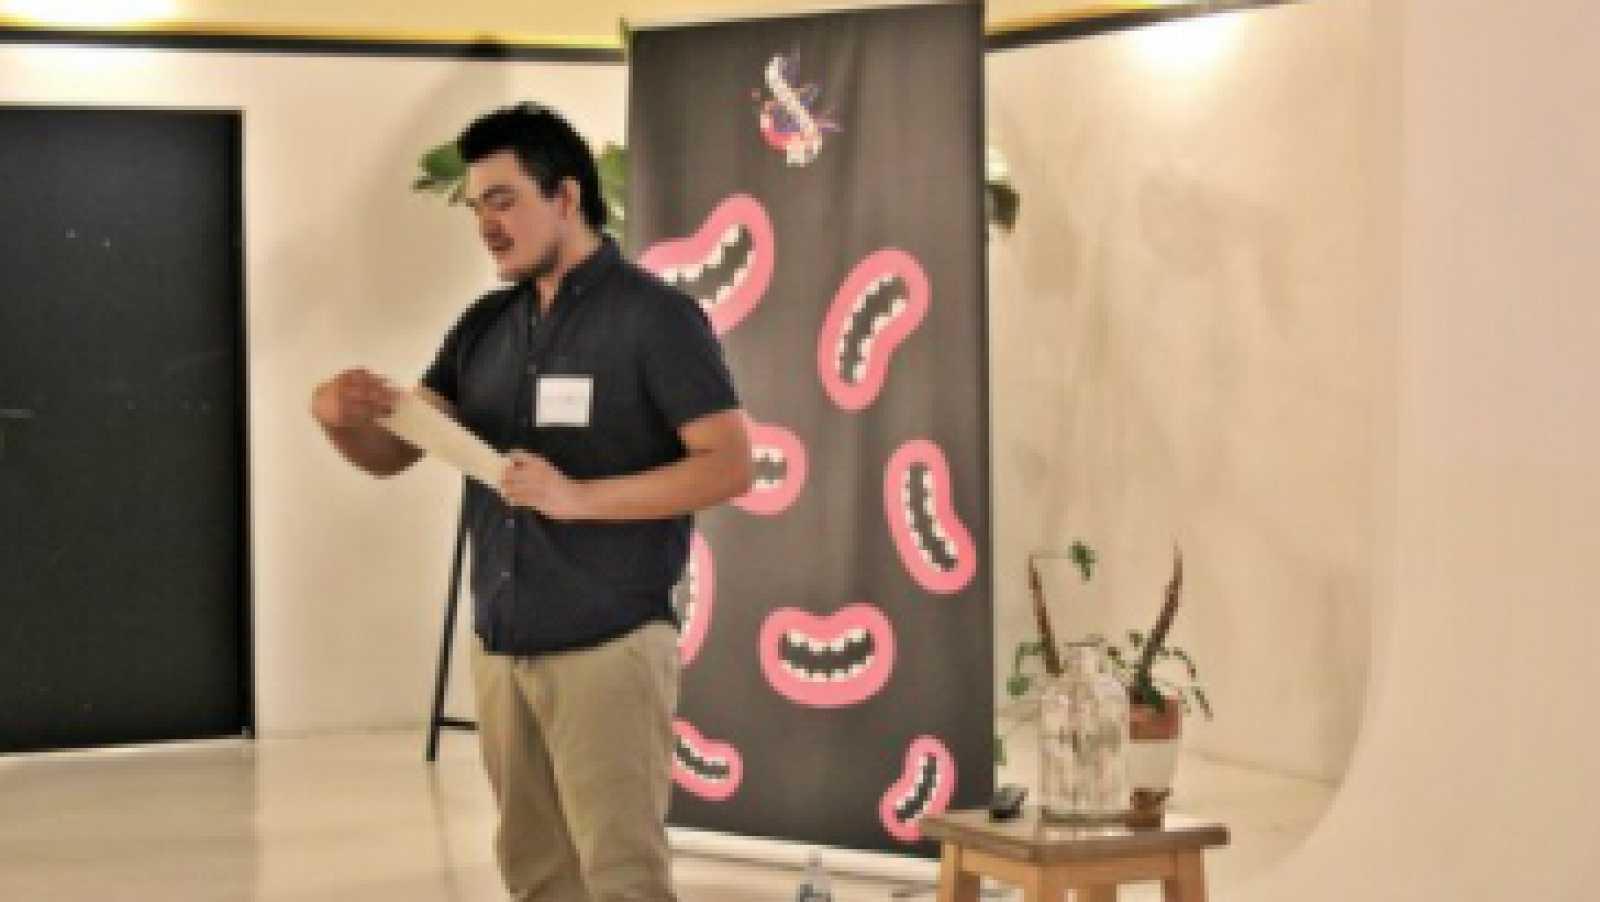 Punto de enlace - La Fundación Nadine beca a jóvenes artistas con impacto social - 26/11/20 - escuchar ahora